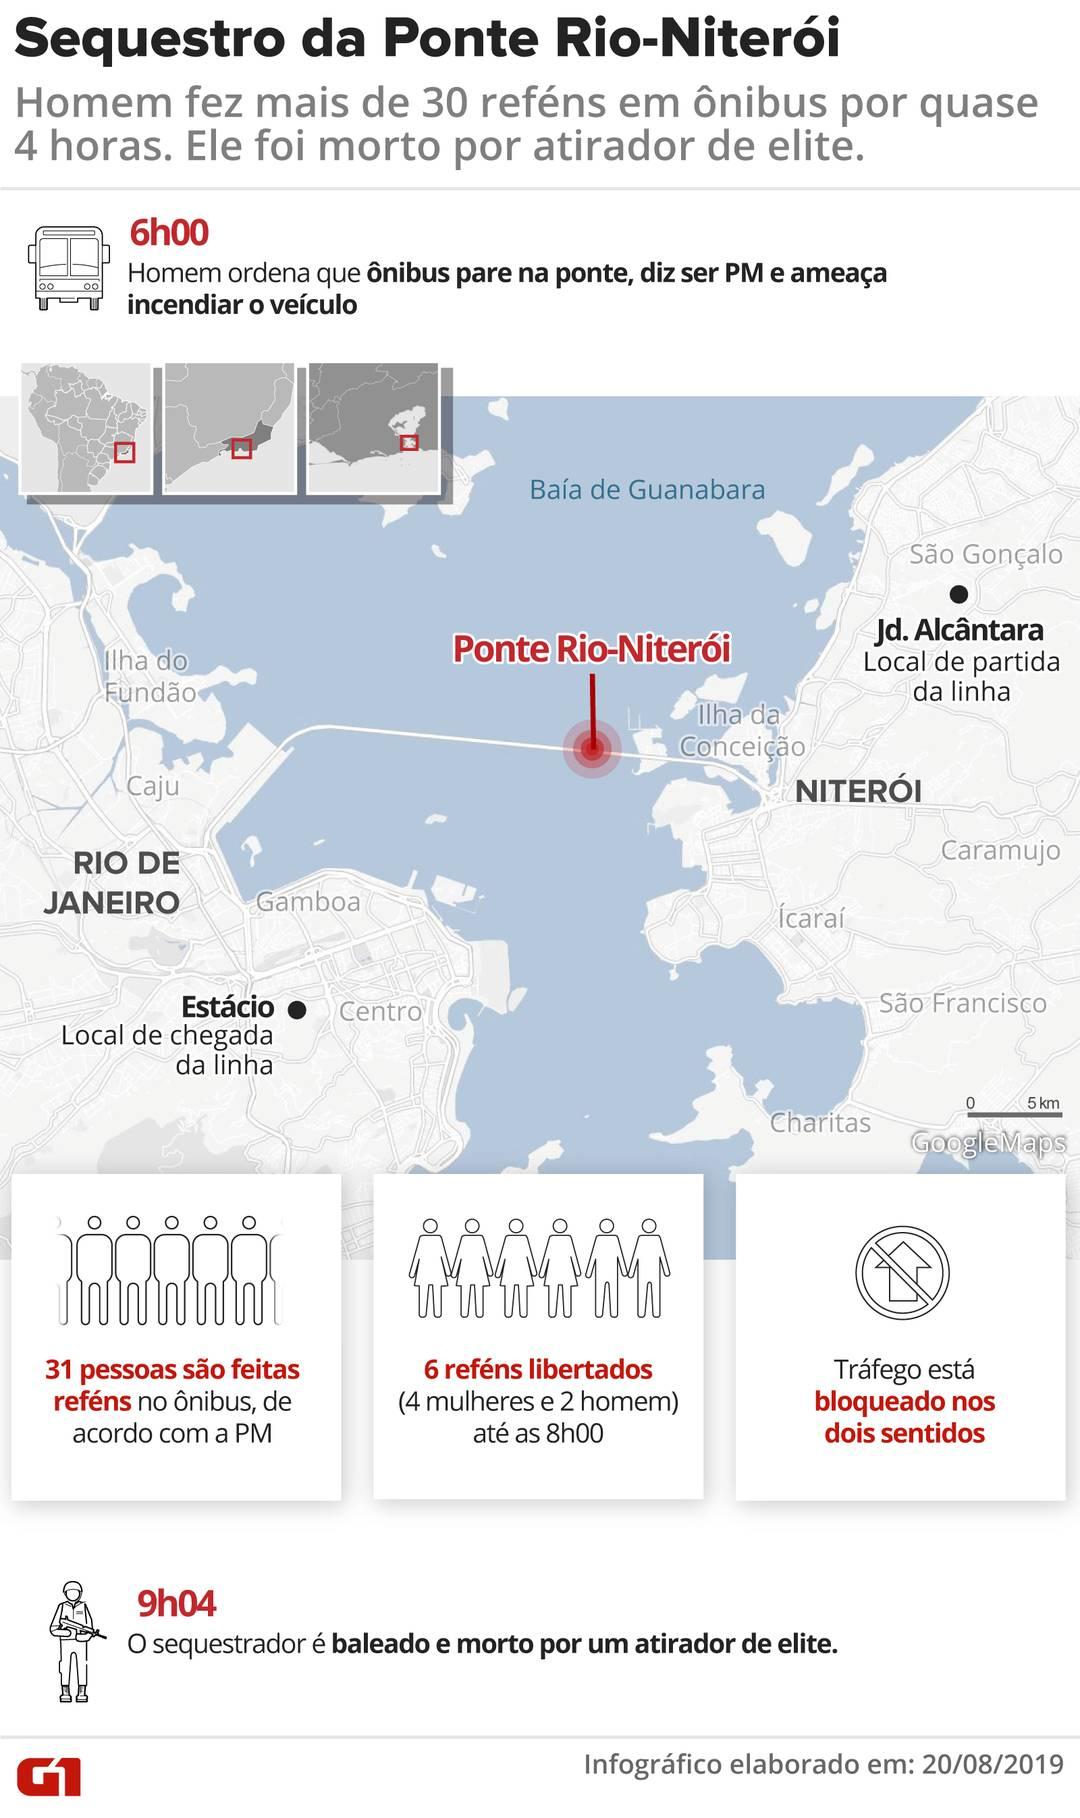 Sequestro de ônibus na Ponte Rio-Niterói; criminoso foi morto por atirador de elite